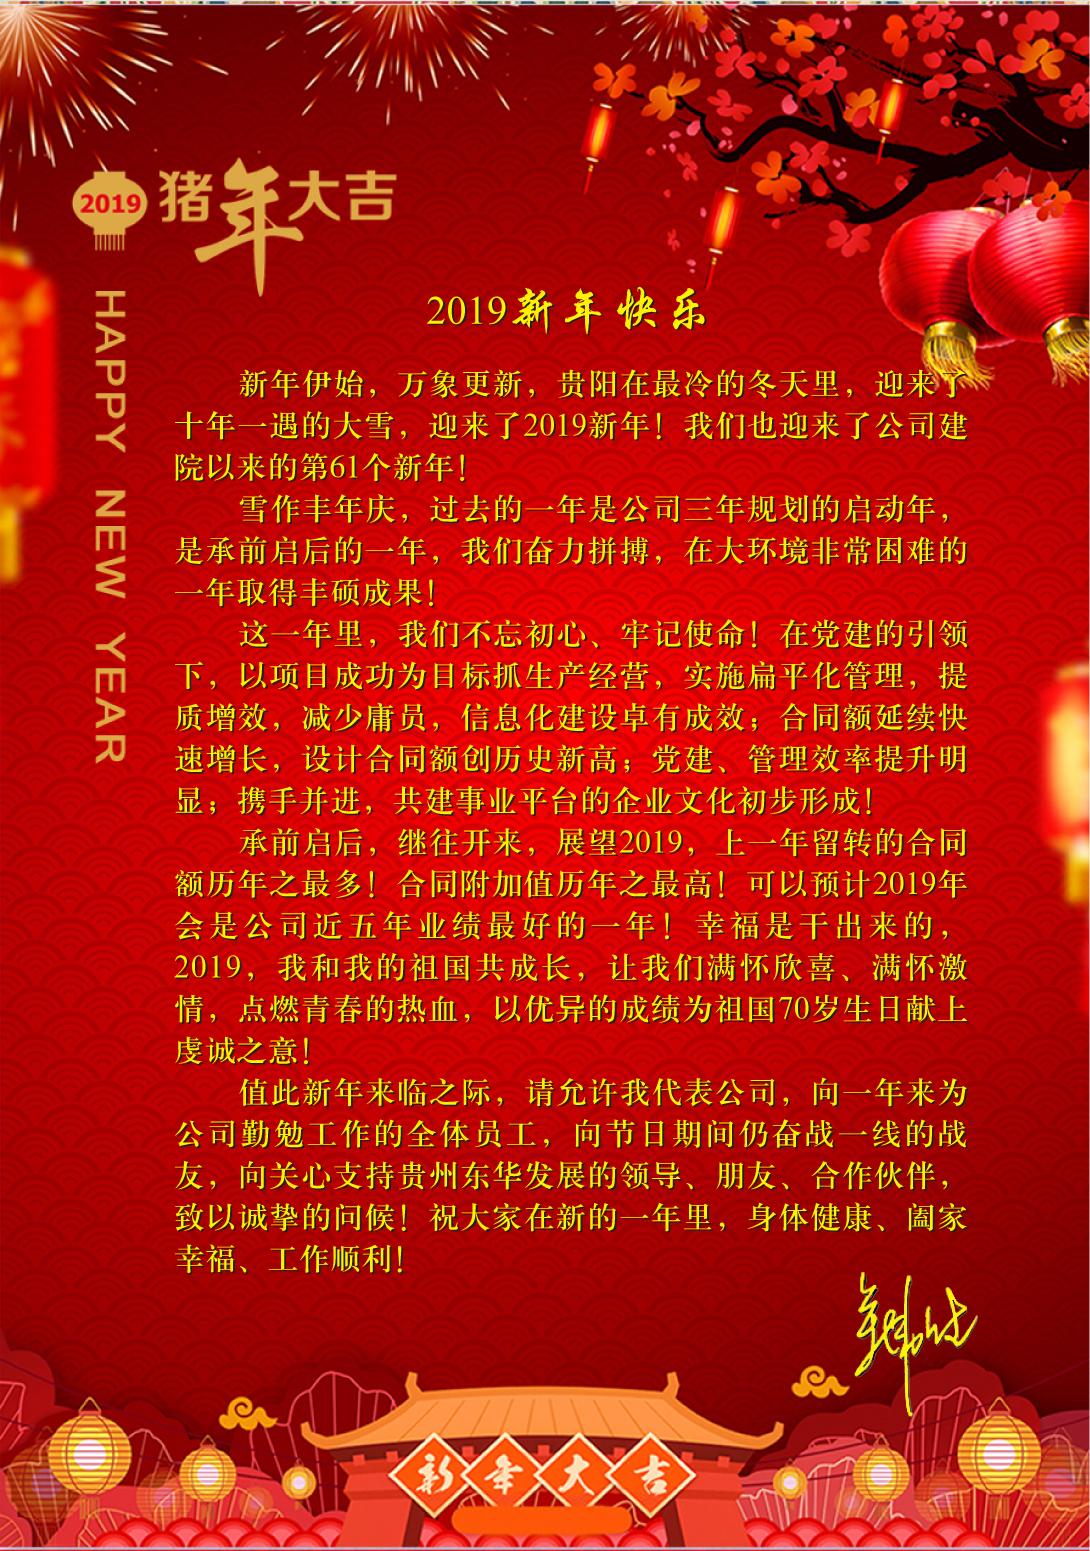 新年快乐6